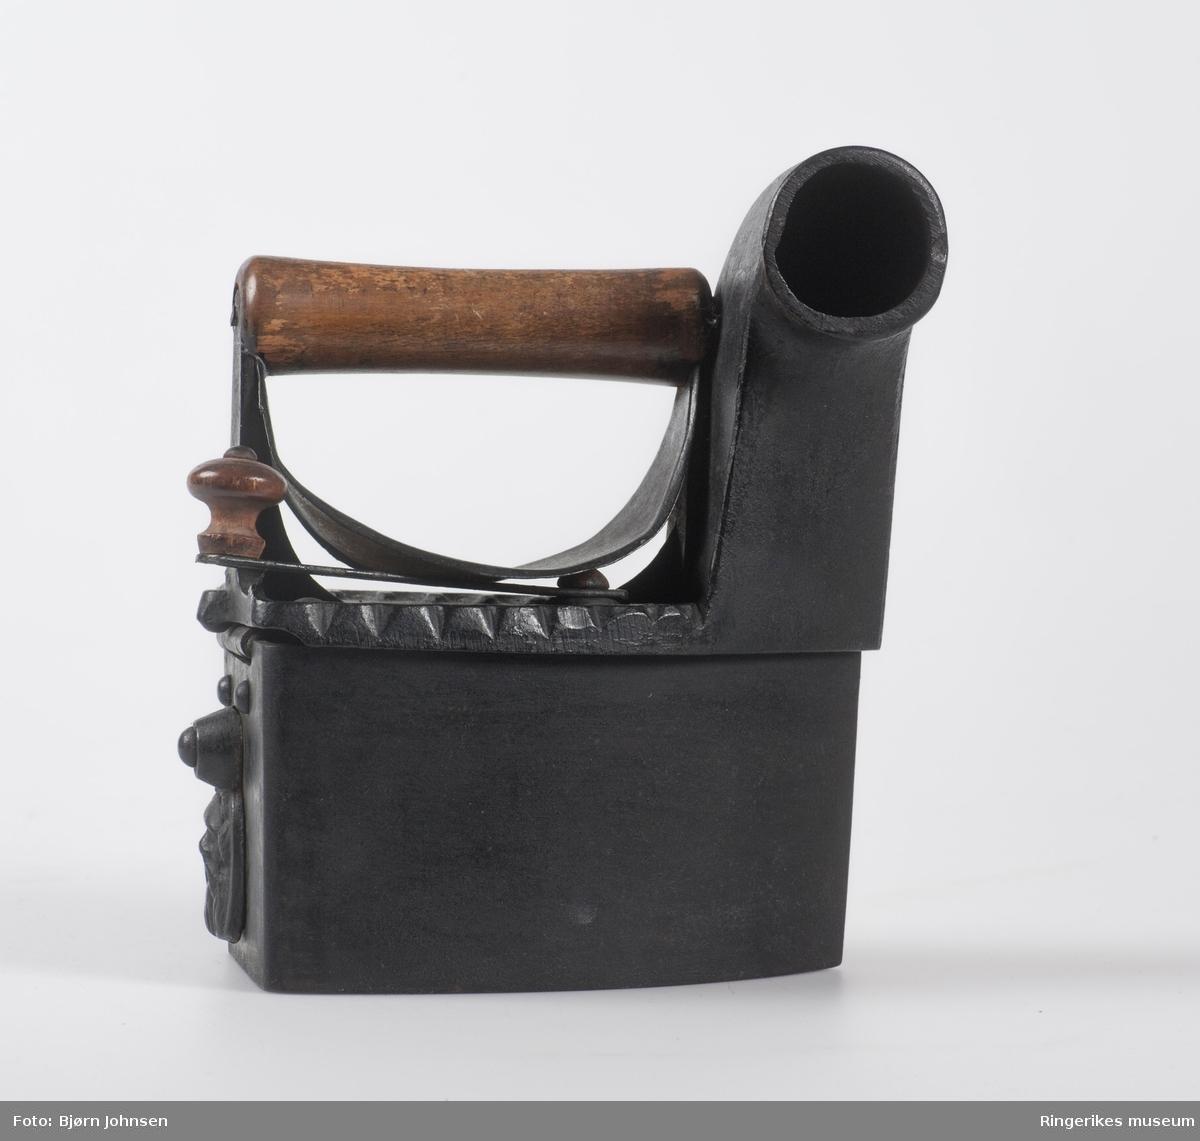 Skorsteinsjern av støpejern med håndtak i tre Beskyttelsesplate av blikk. 1930